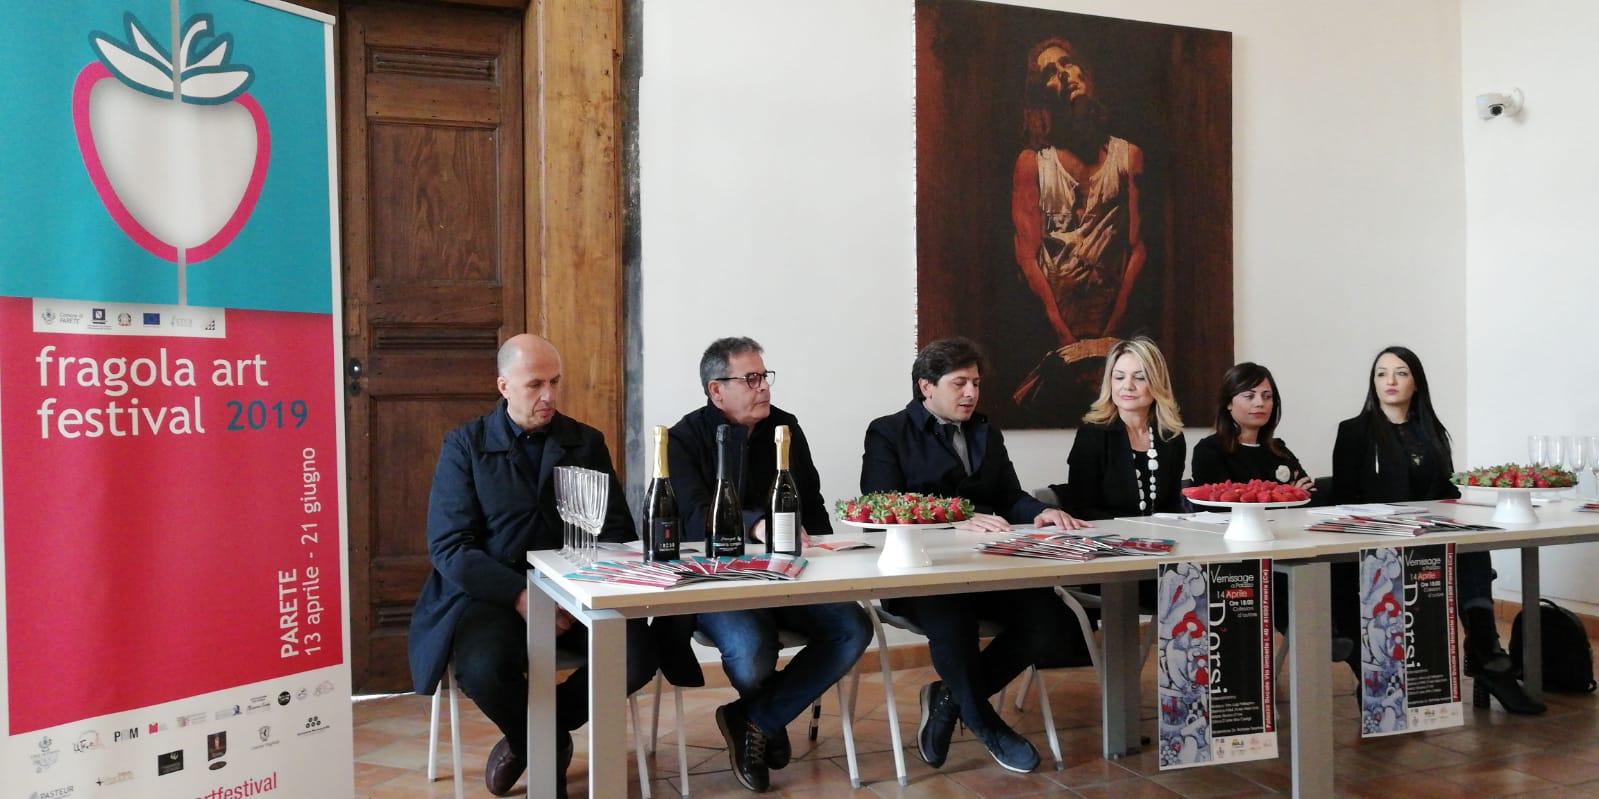 Fragola Art Festival a Parete fino al 30 giugno